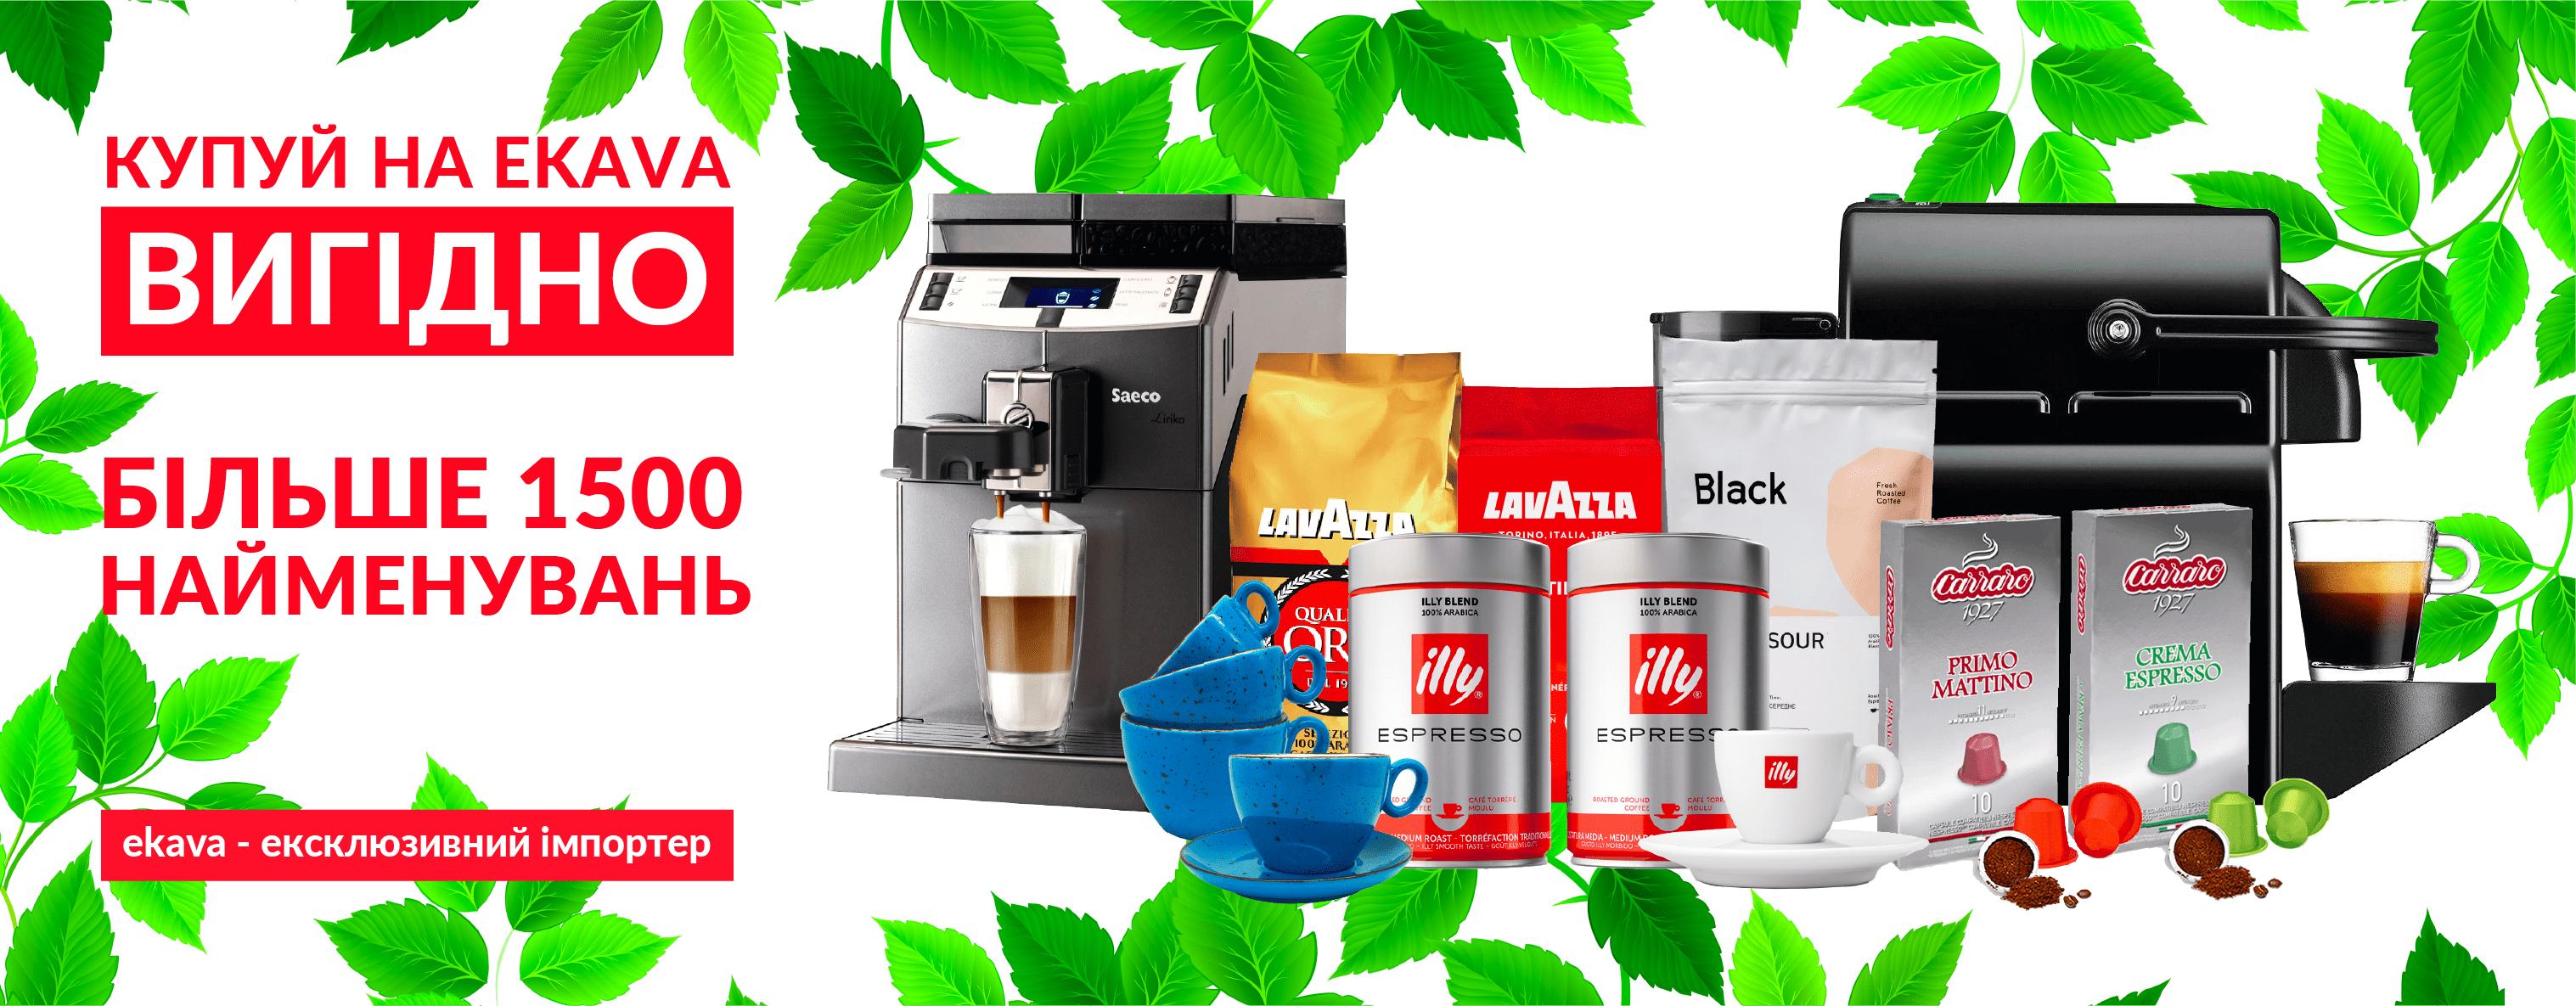 димаэстро кофе официальный сайт